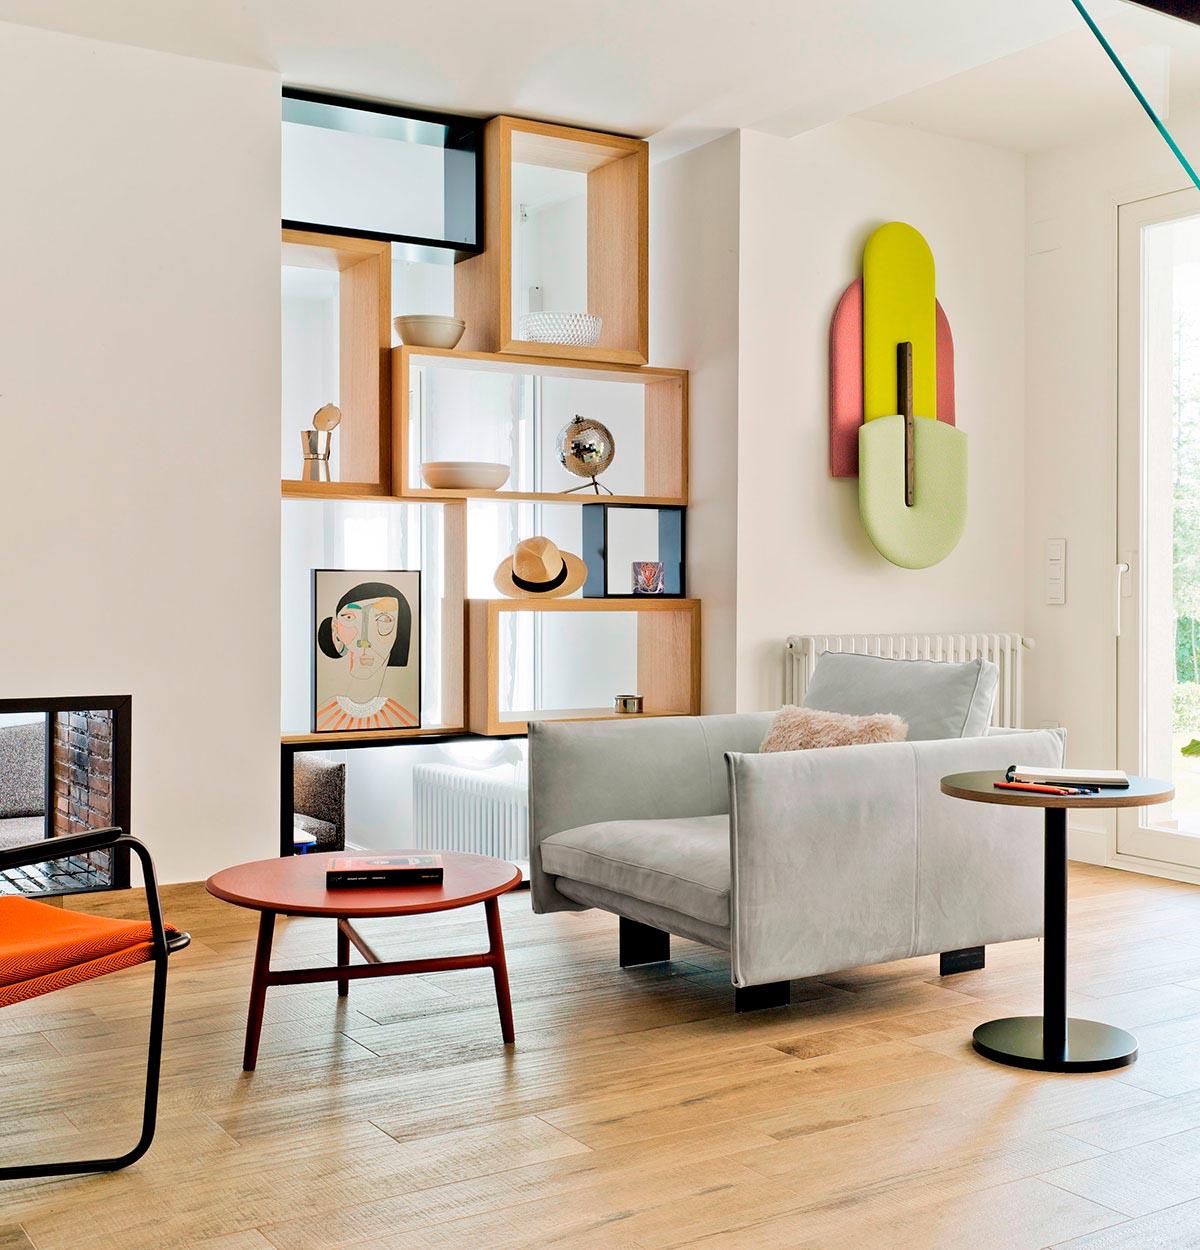 sofas hogar galeria5 - sofas y butacas